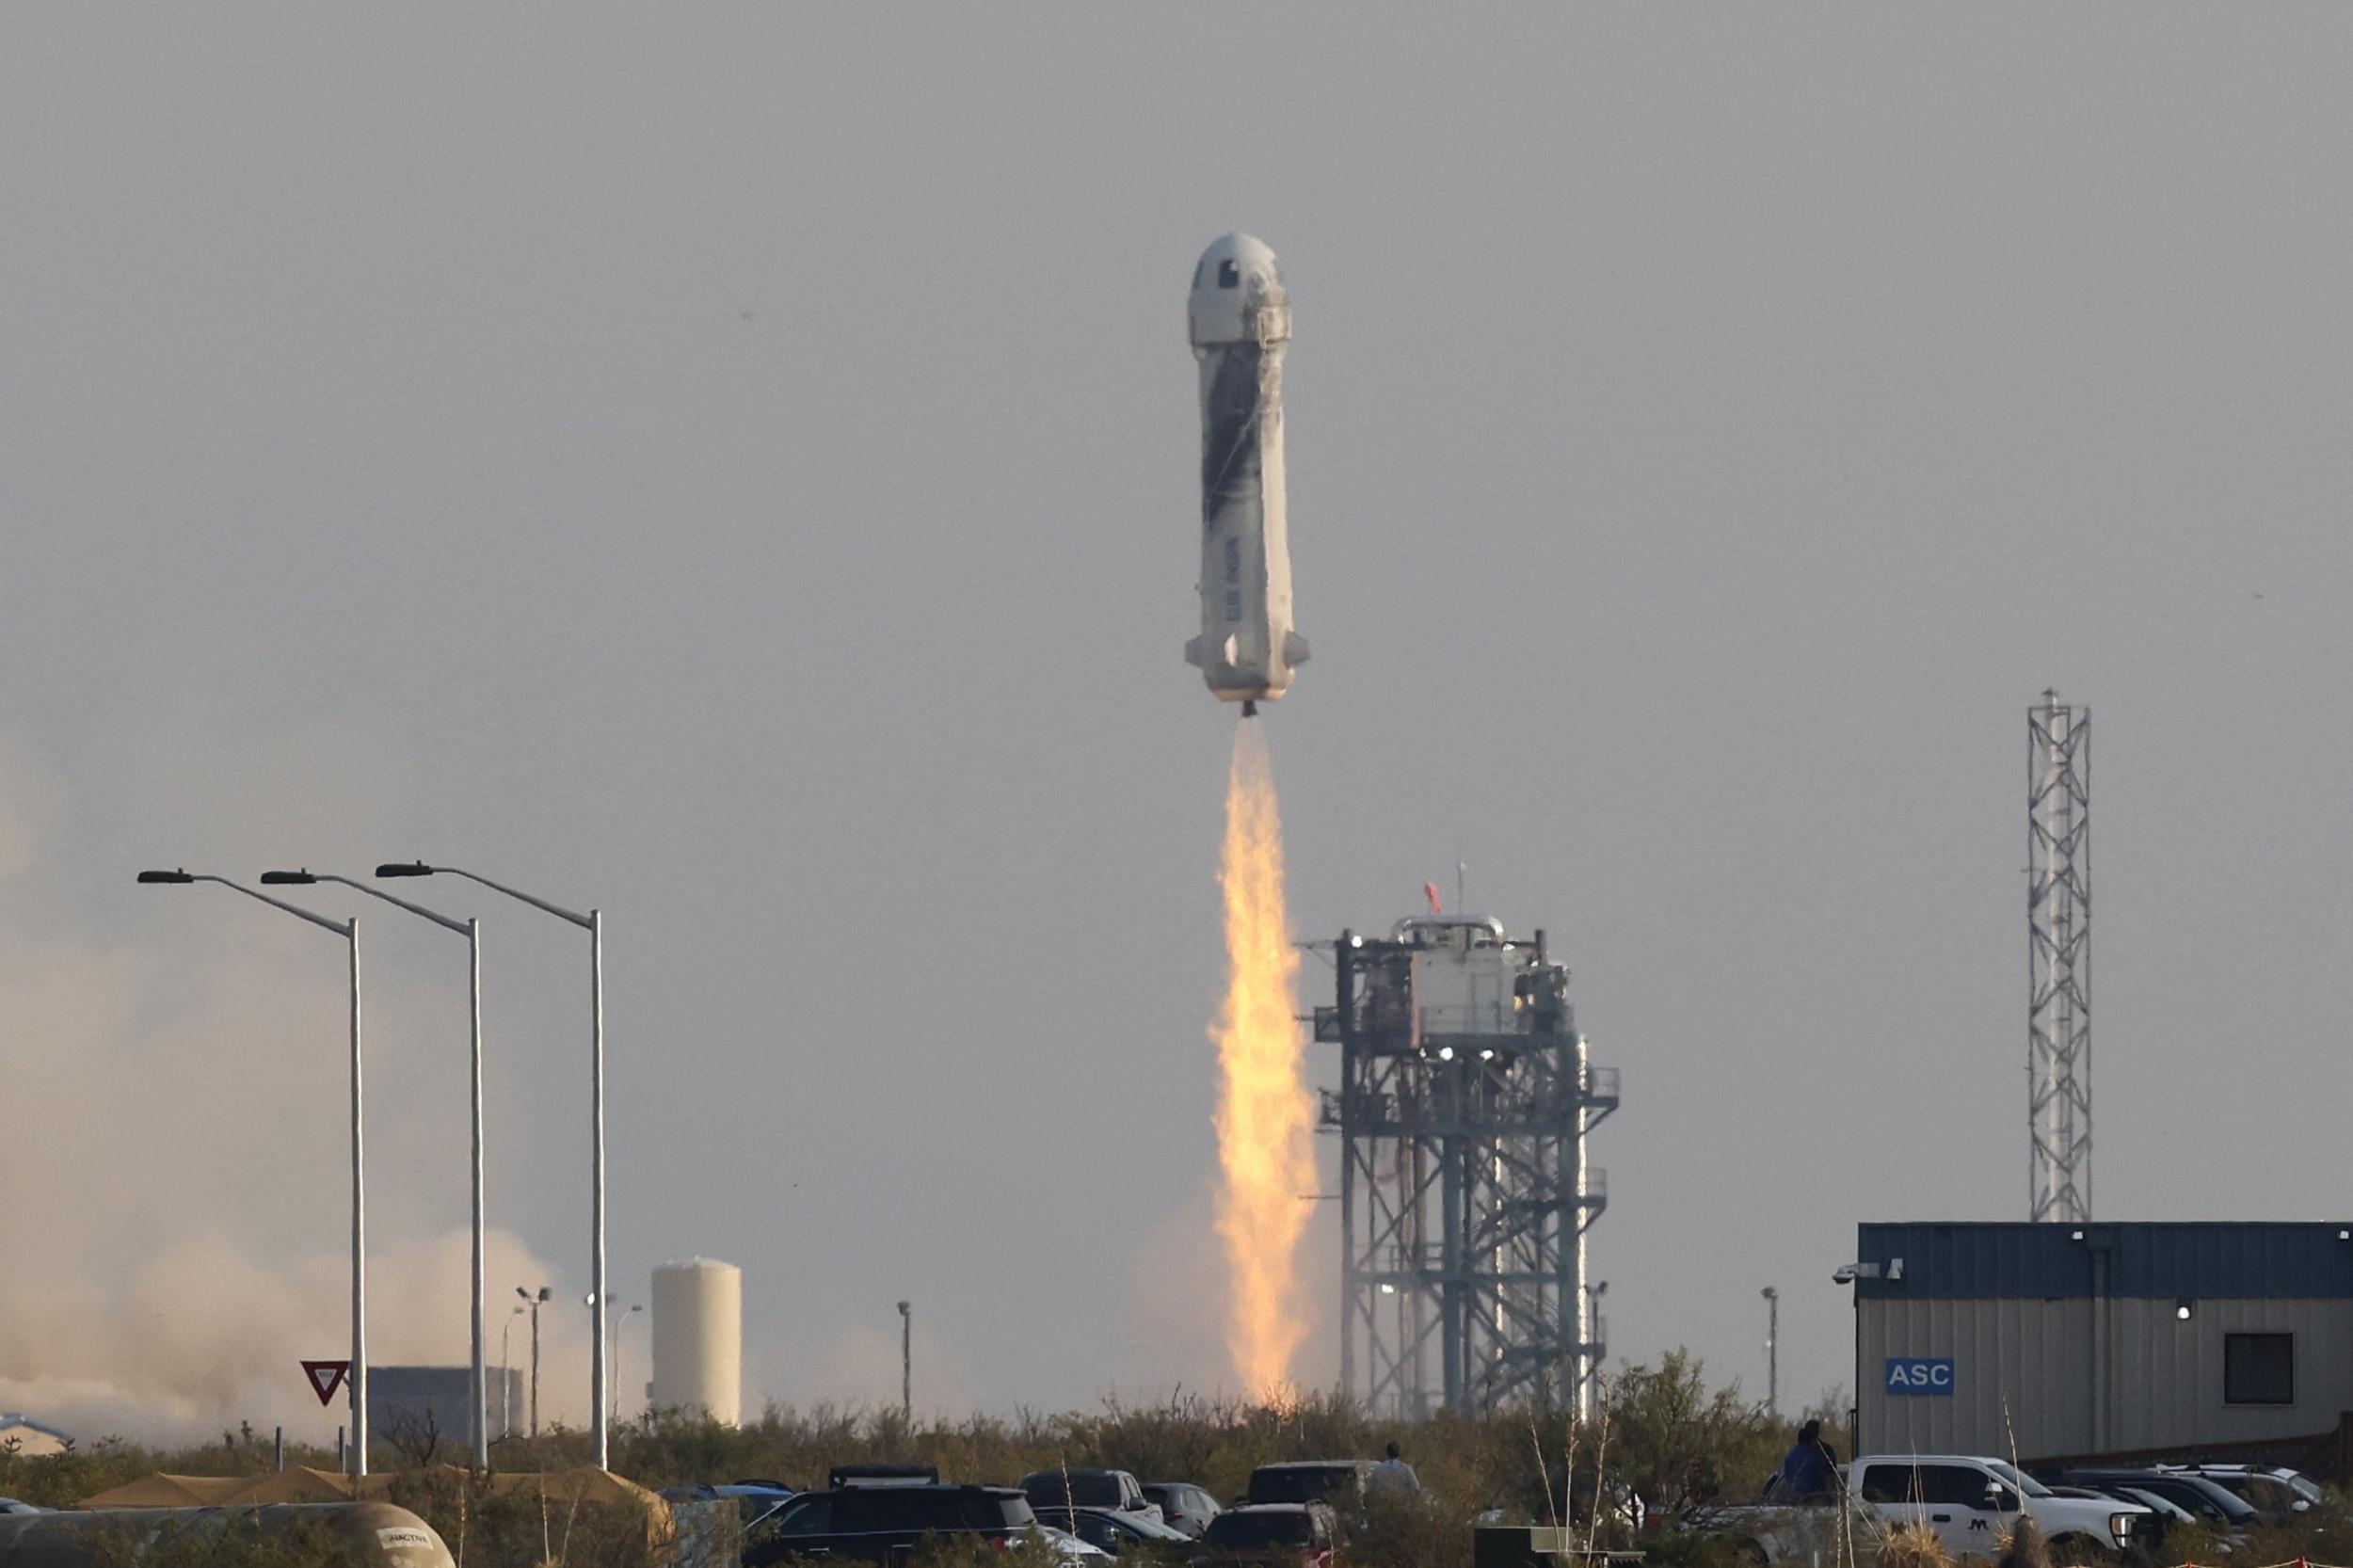 Jeff Bezos' New Shepard rocket meme'd for its, er, unique shape